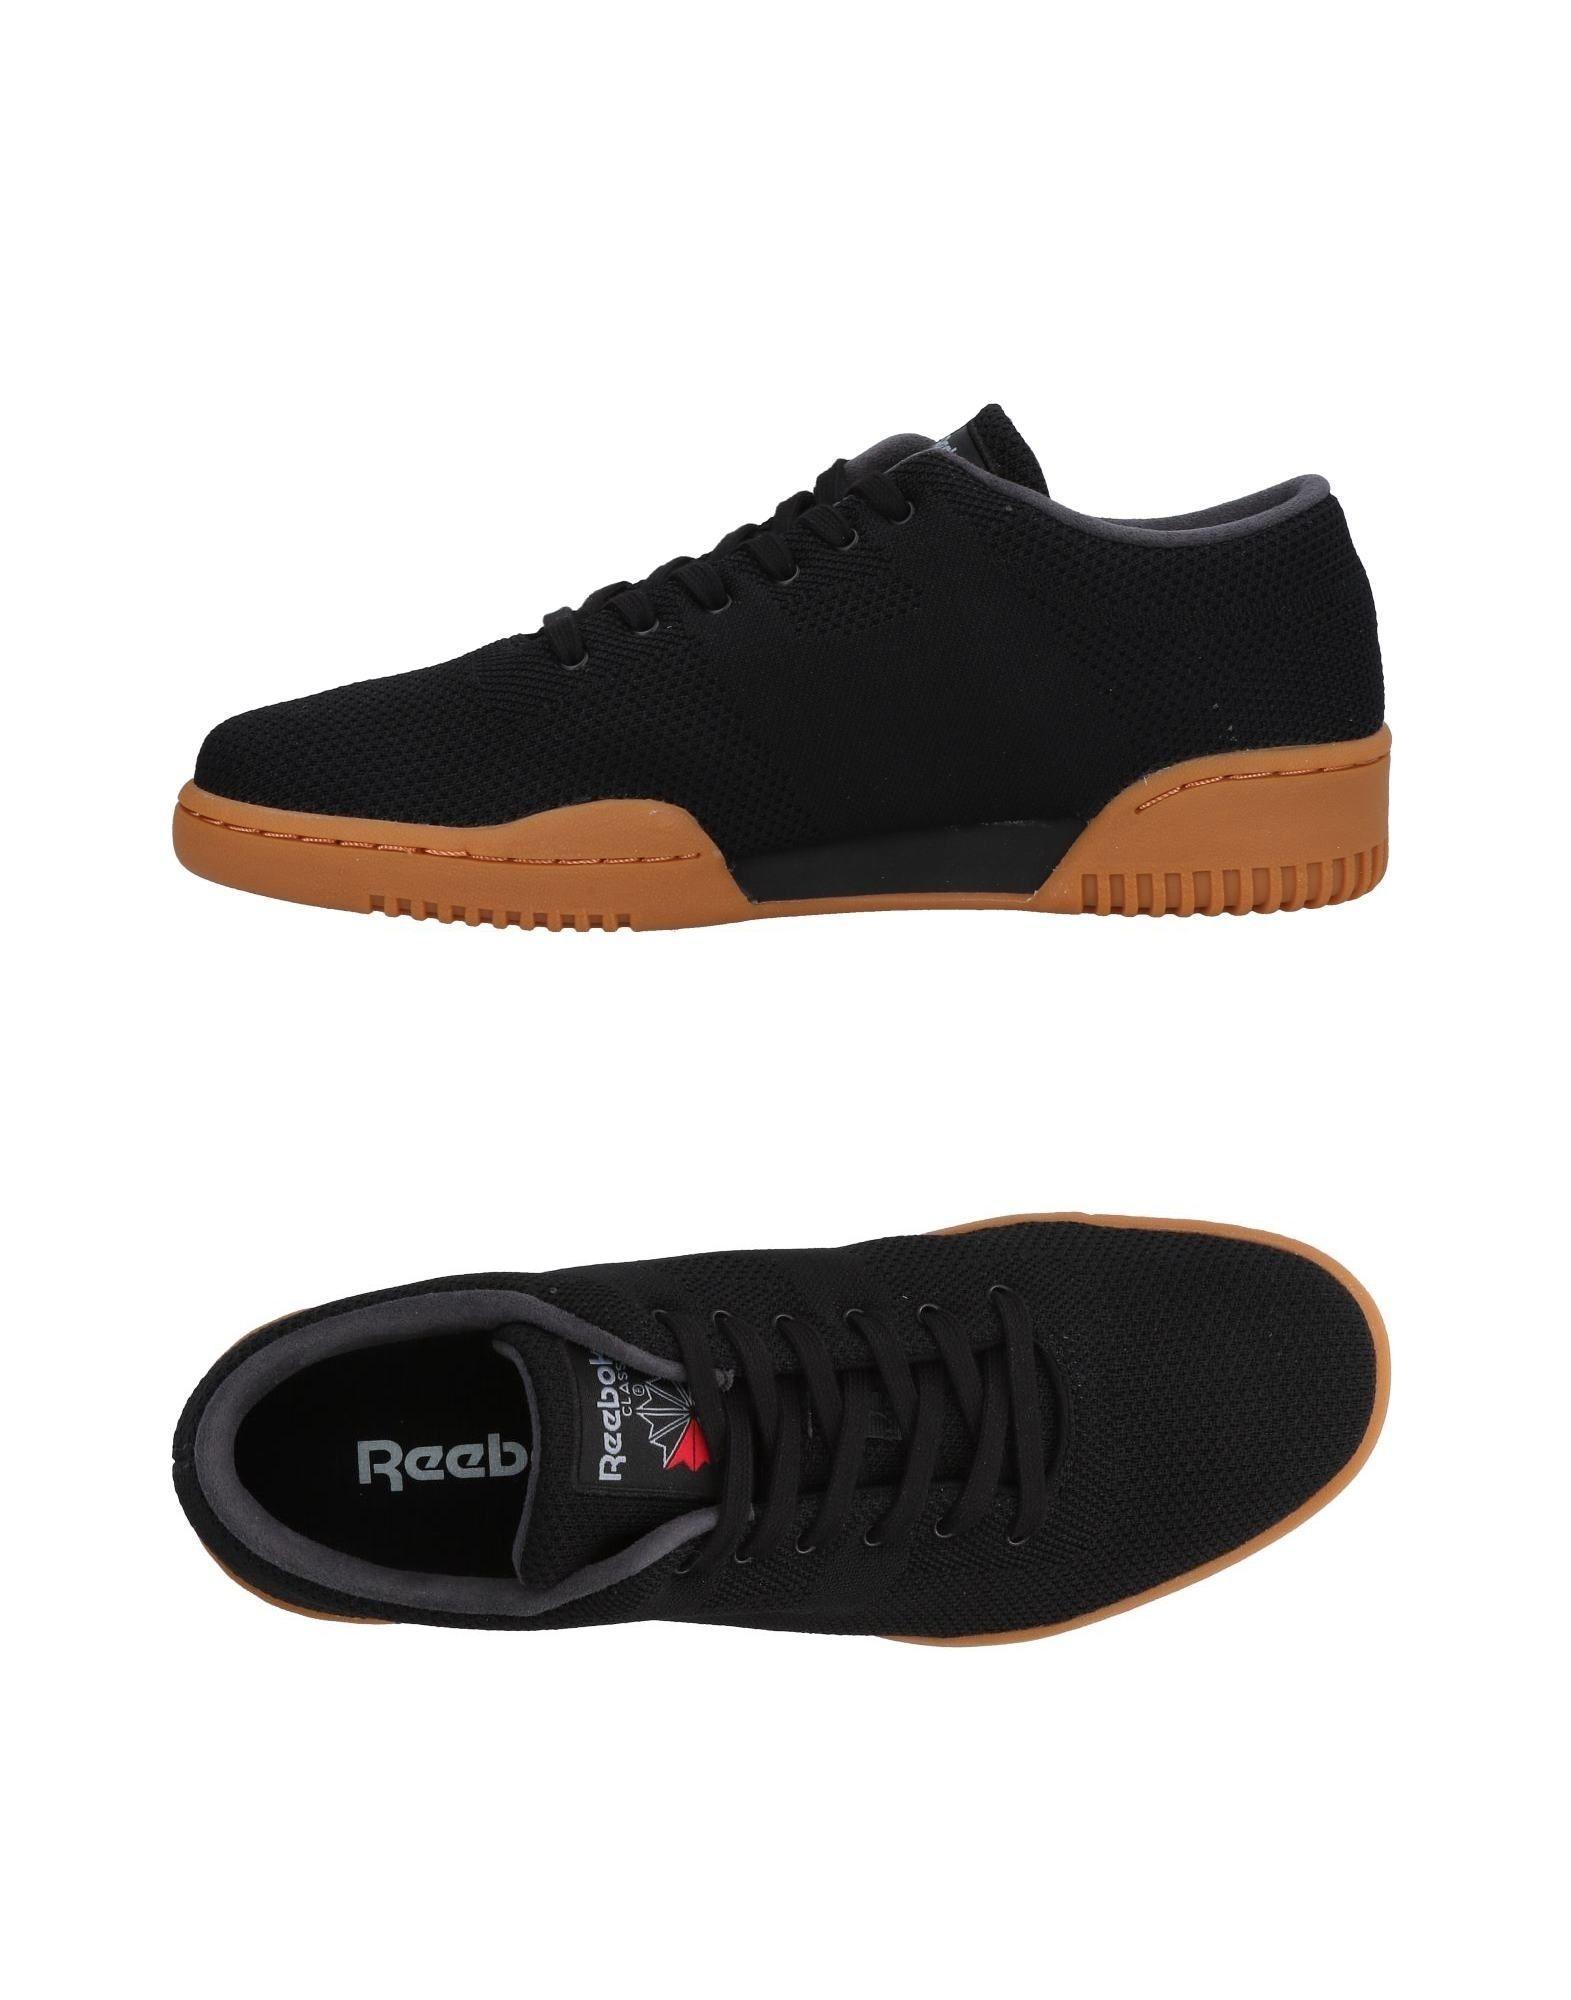 Reebok Sneakers In Black